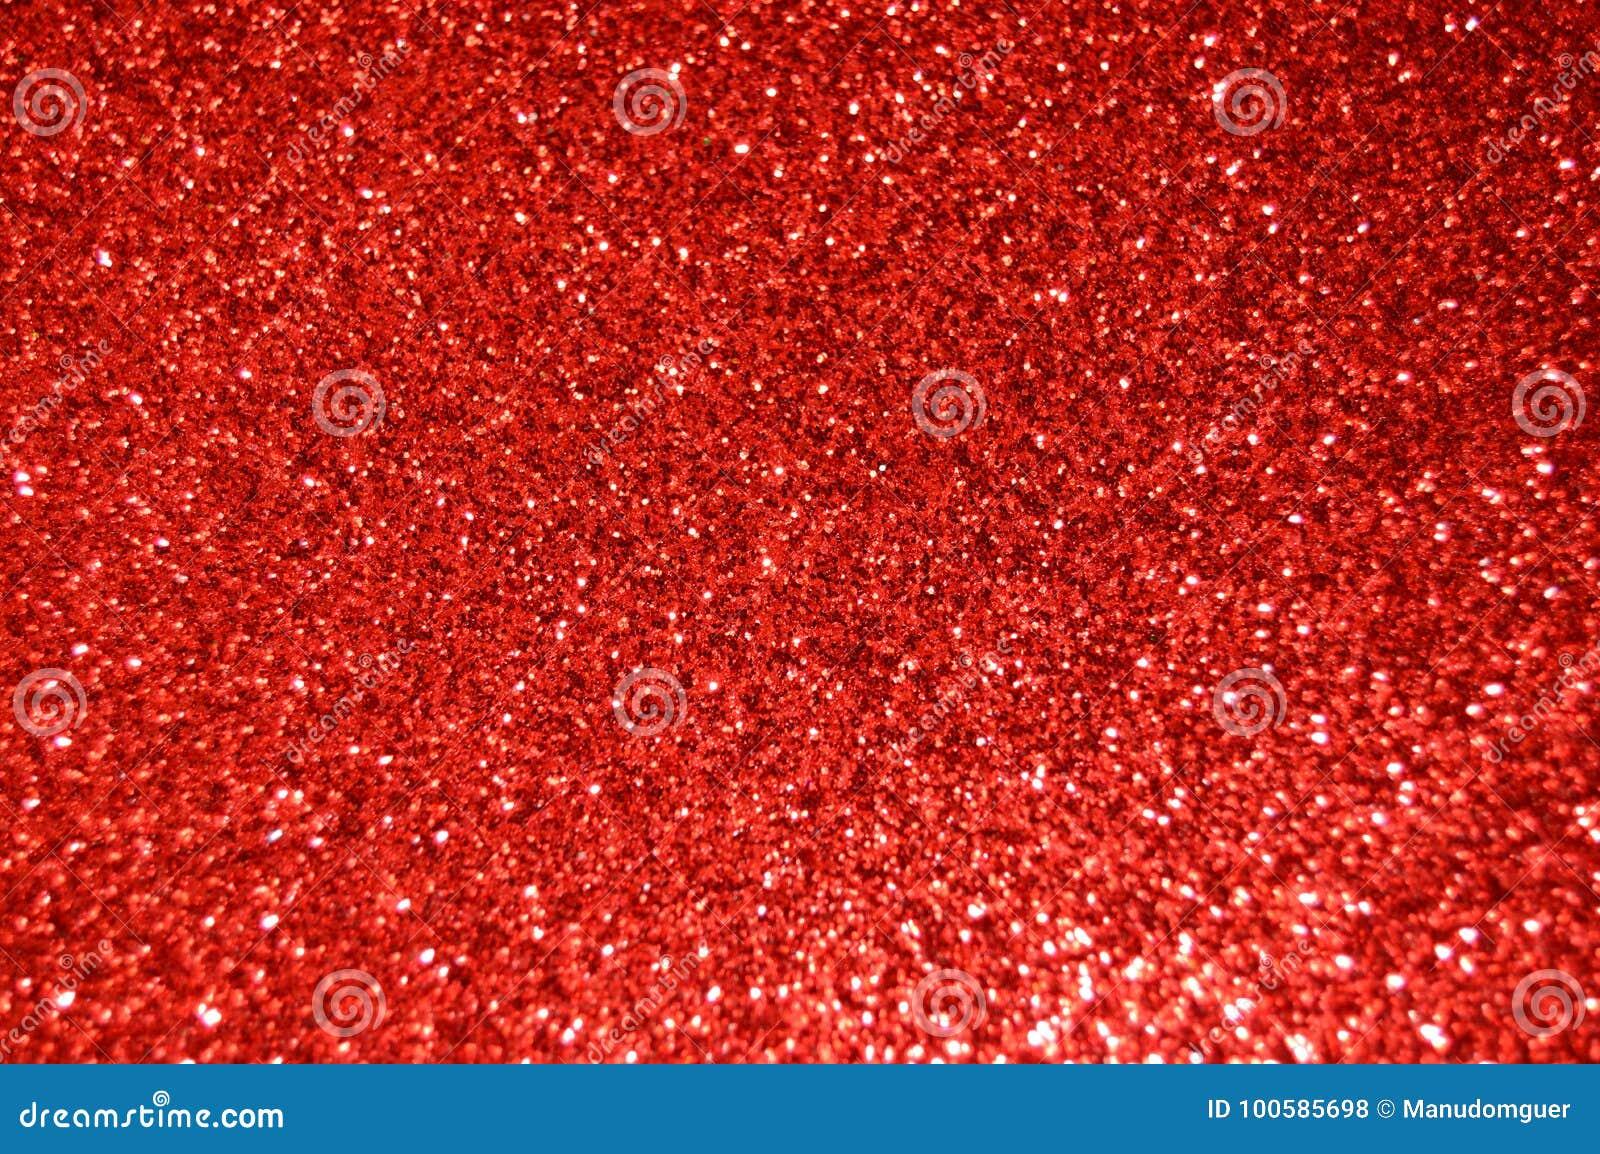 Het rood schittert achtergrond Vakantie, Kerstmis, Valentijnskaarten, Schoonheid en Spijkers abstracte textuur